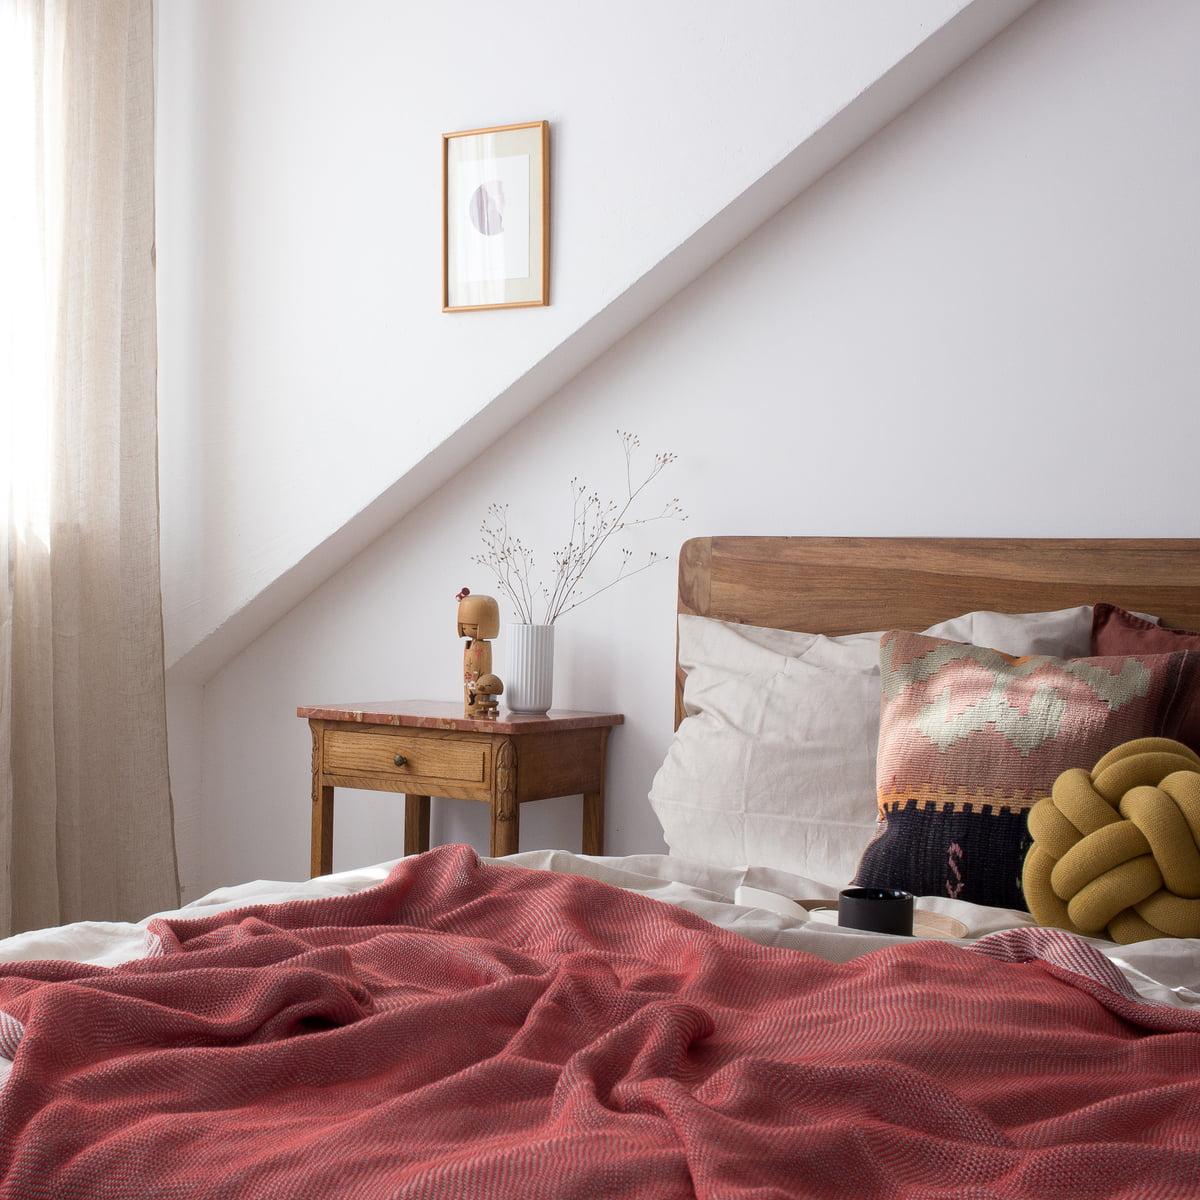 Schlafzimmer Deko Rot: Knot Kissen Von Design House Stockholm